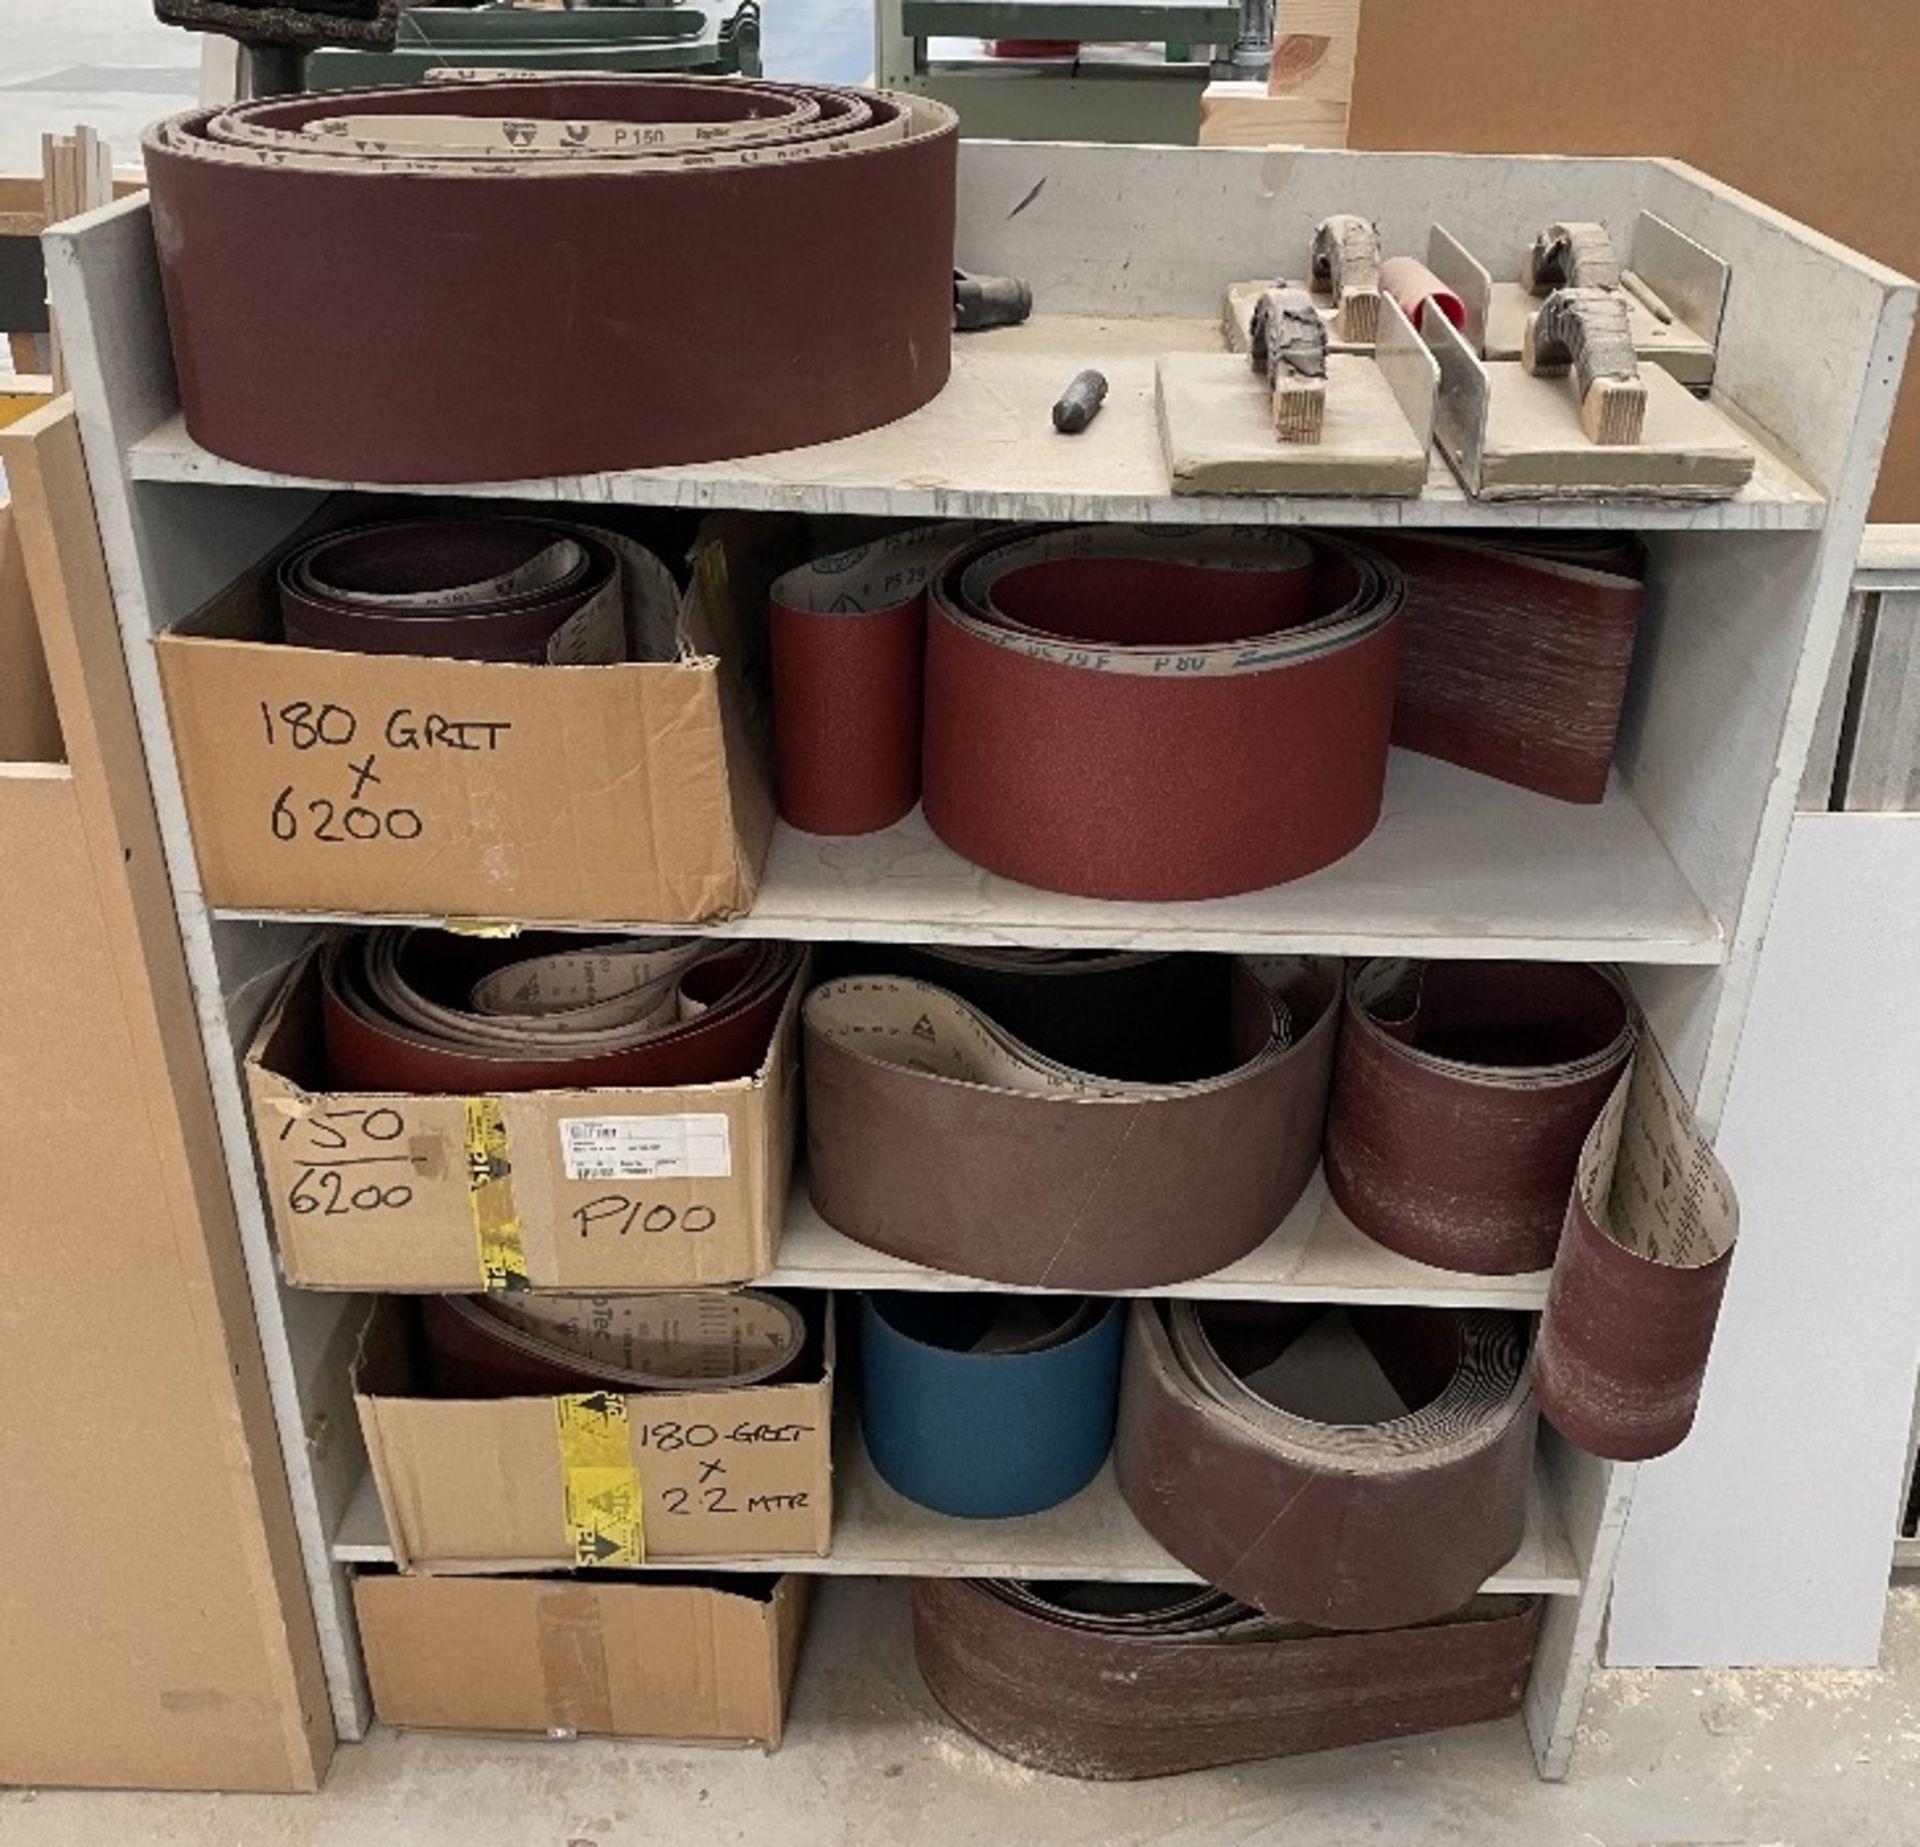 Felder FS 2200 Belt Sander w/ Spare Sanding Belts & Pads - Image 8 of 13